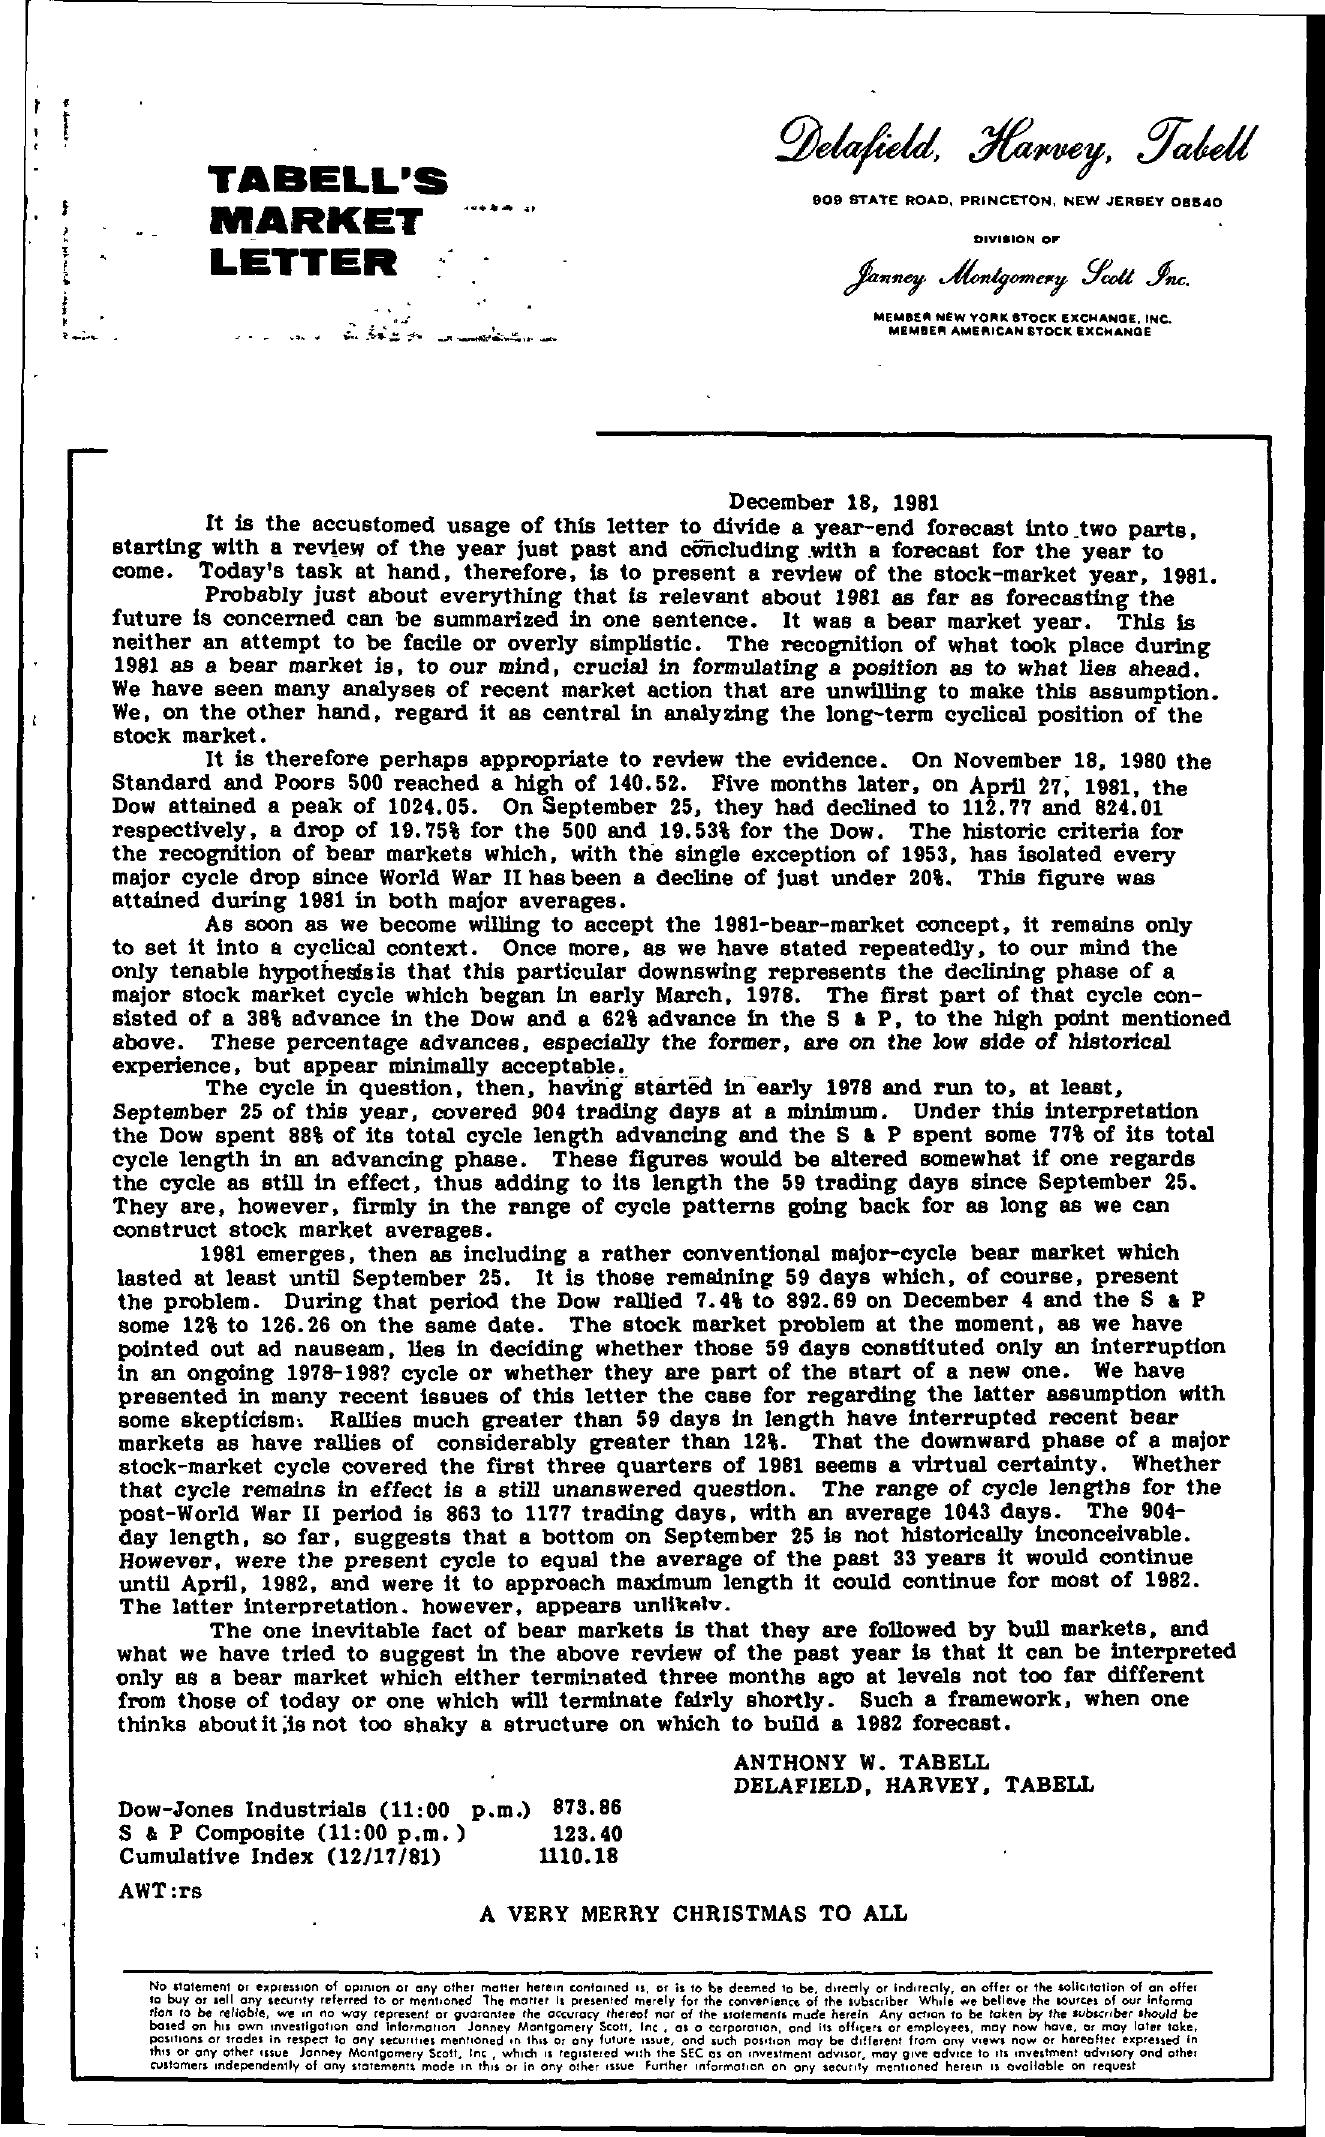 Tabell's Market Letter - December 18, 1981